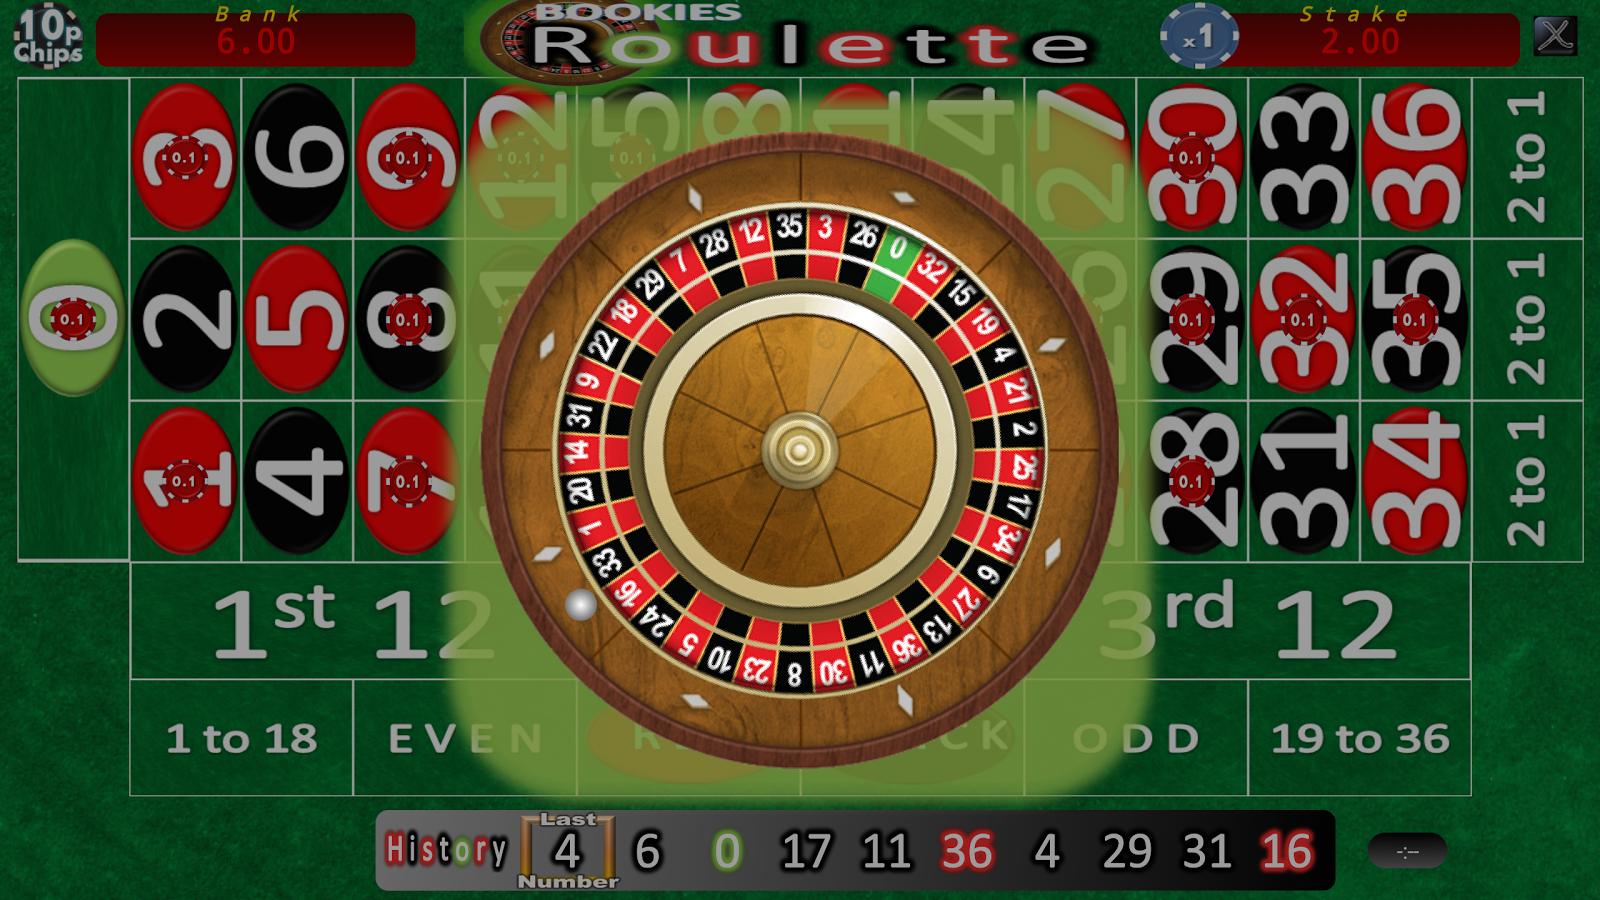 bookies casino